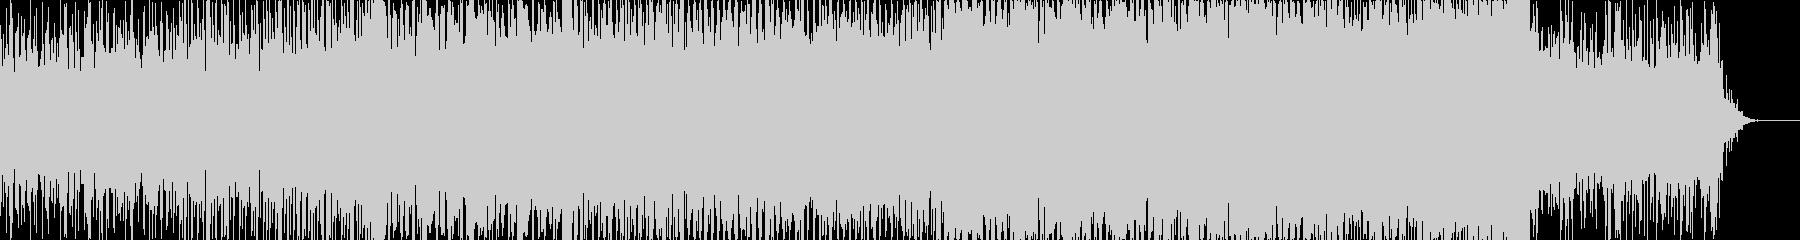 テクノ調ダンスナブルな電子サウンドの未再生の波形